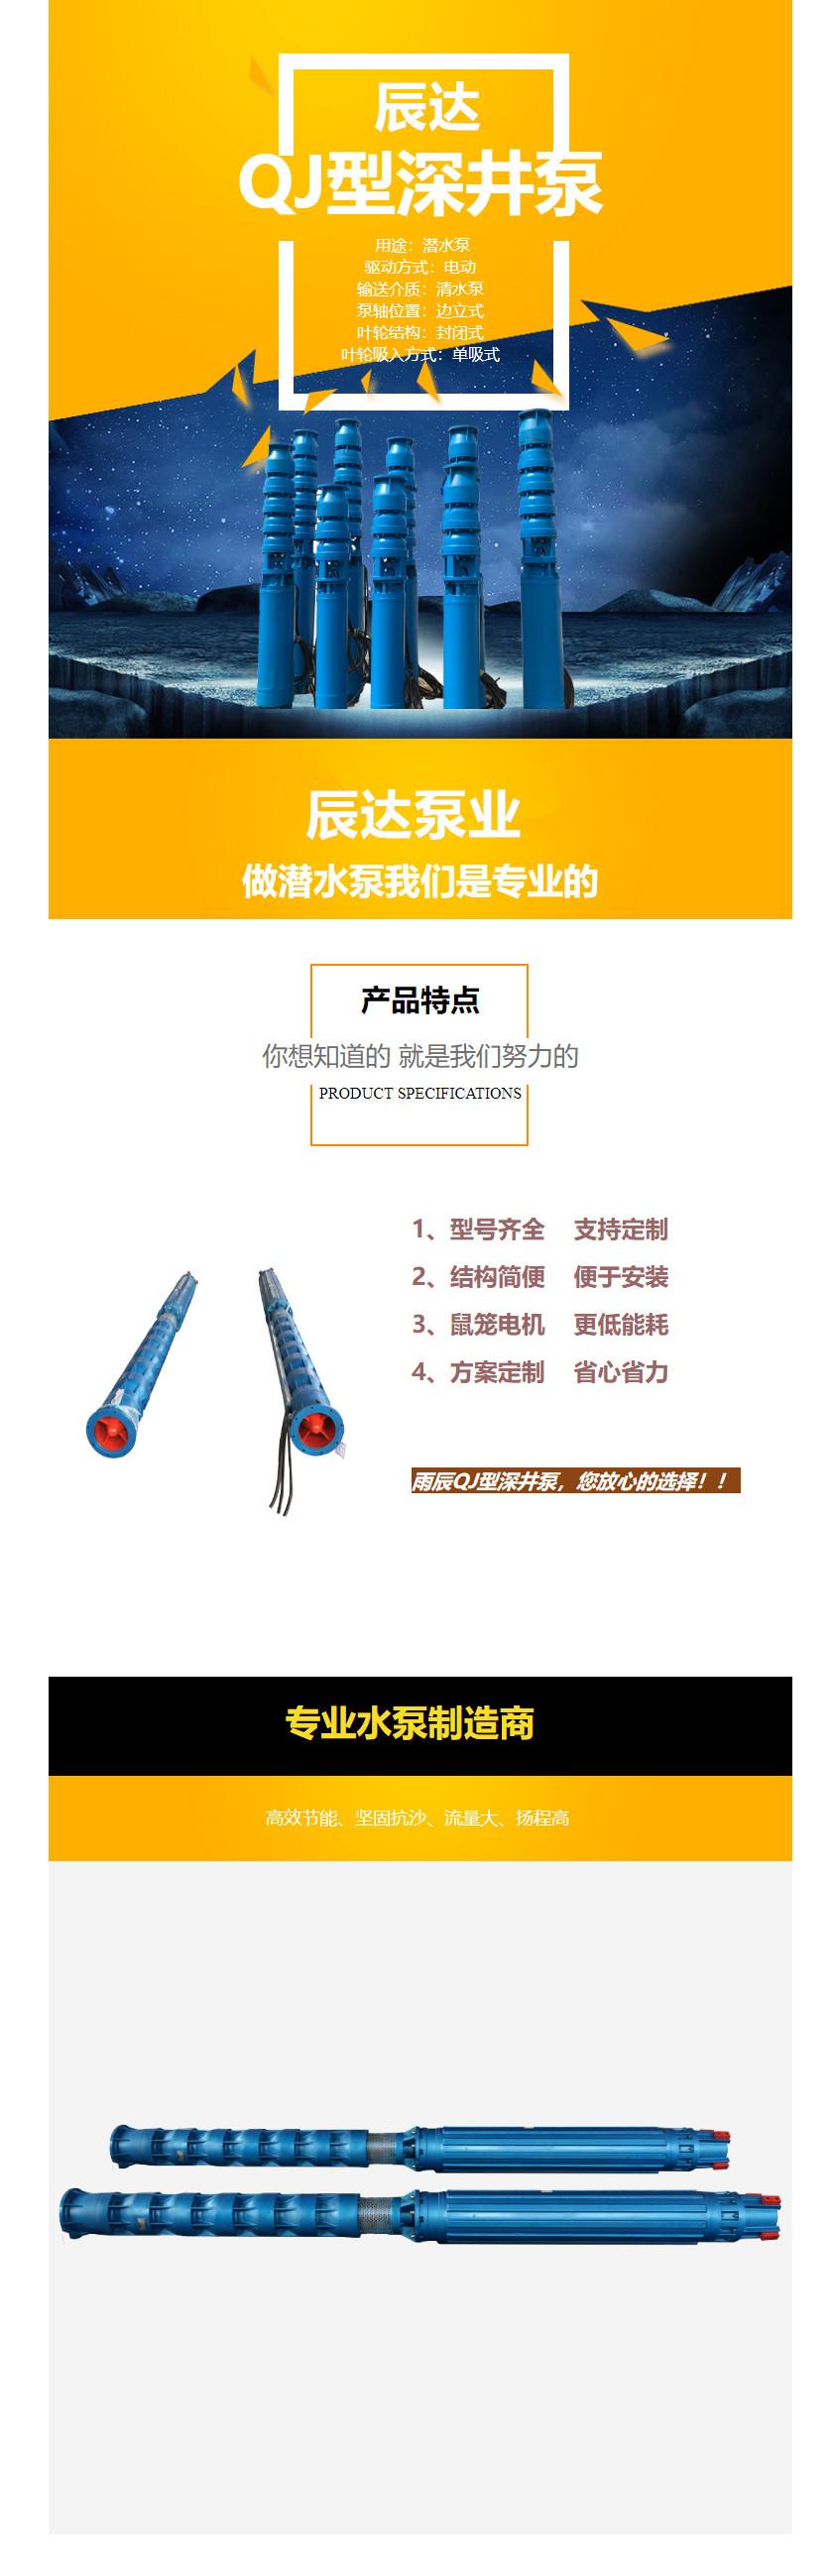 QJS型防砂潜水泵01_副本.jpg